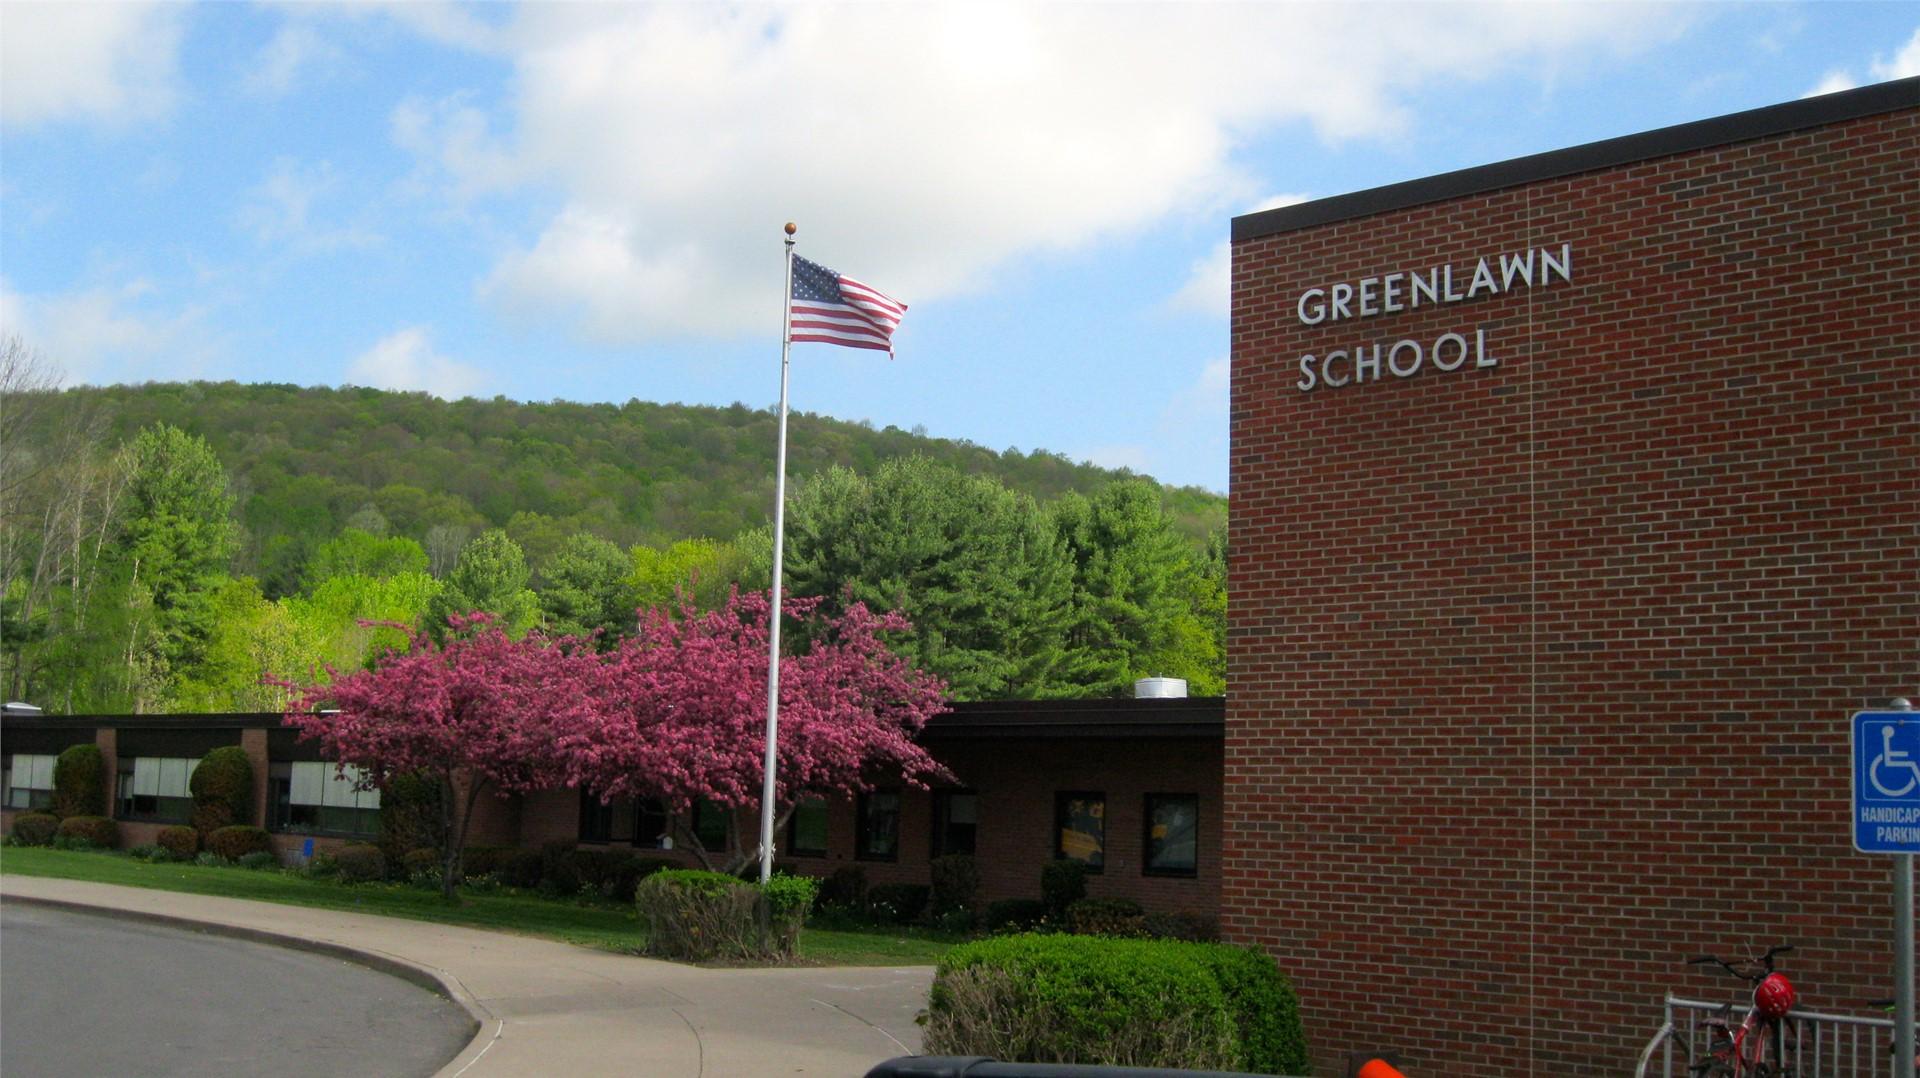 Greenlawn Elementary School